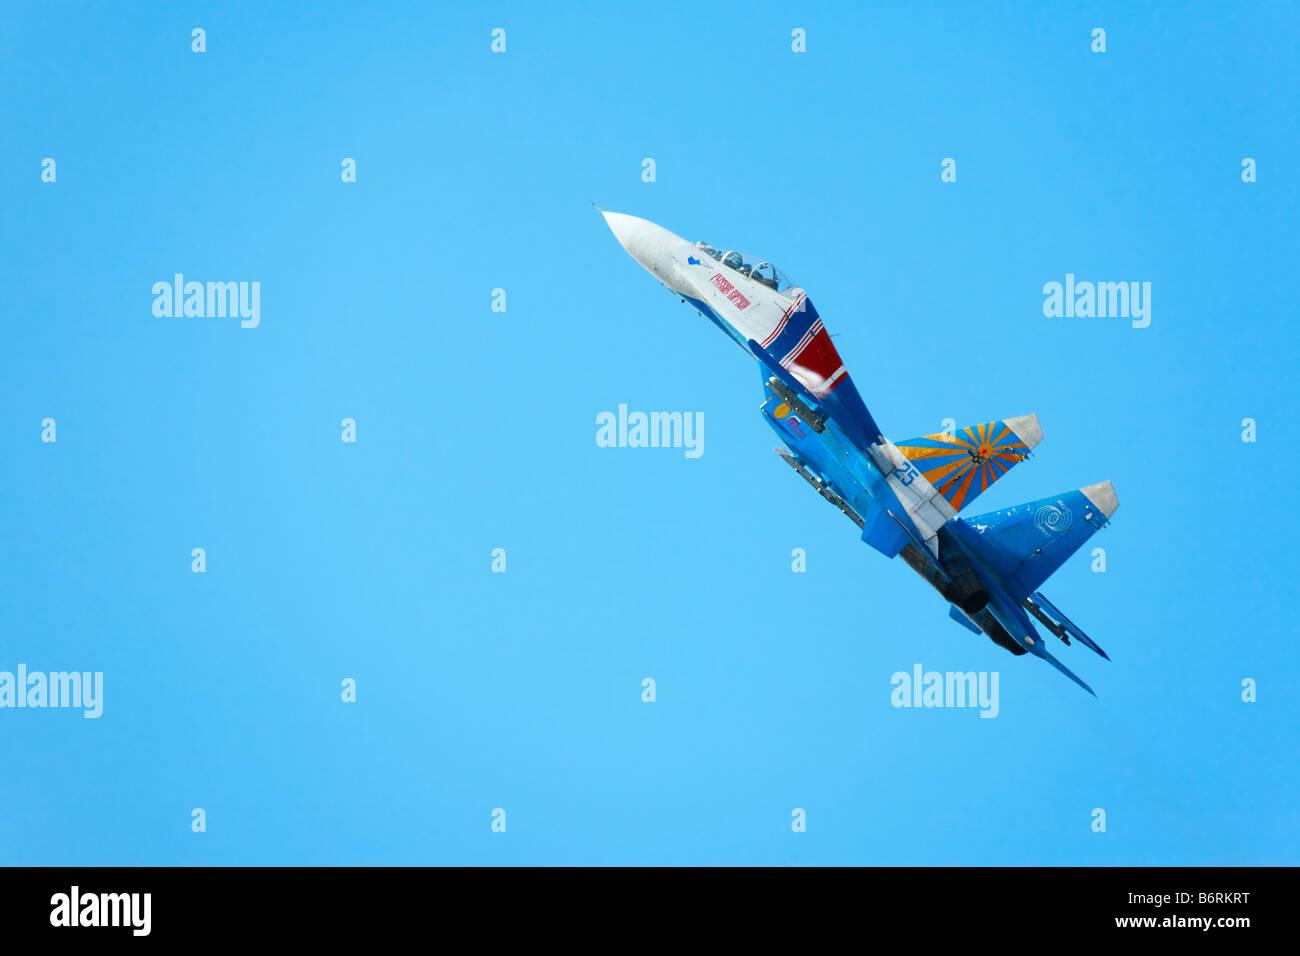 Su-27 'Flanker' jet plane - Stock Image